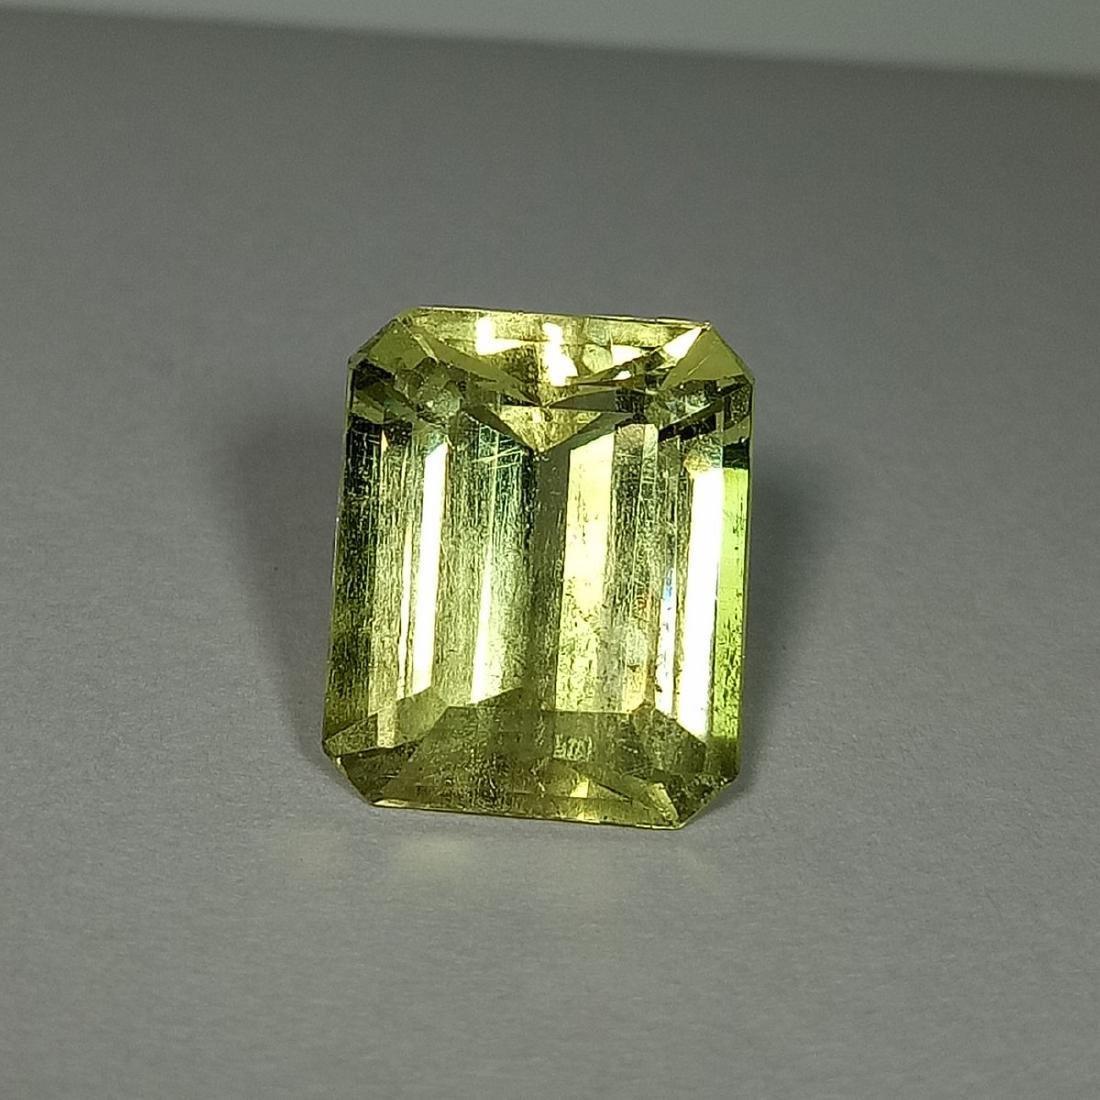 5.87 Carat Loose Yellow Beryl - 2